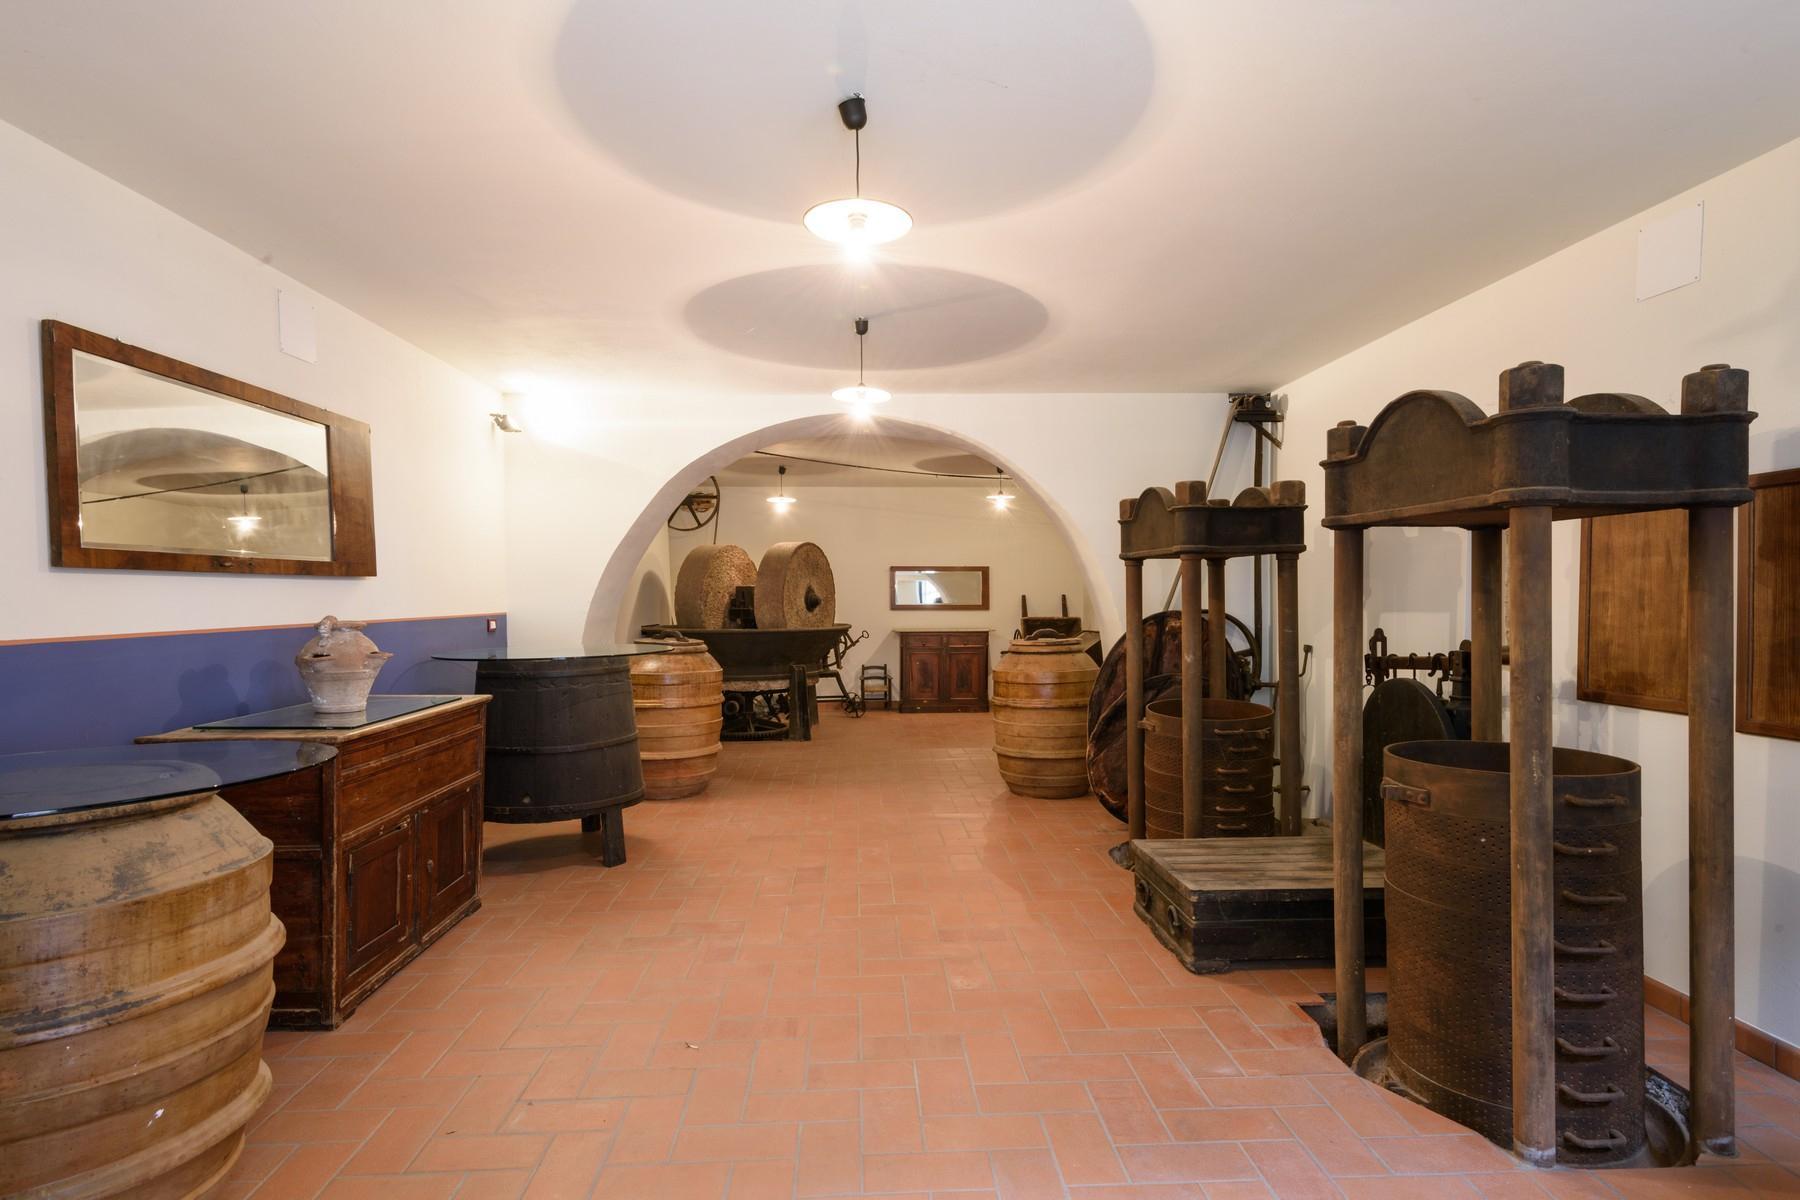 Val di Chiana中心地带10世纪的建筑 - 19